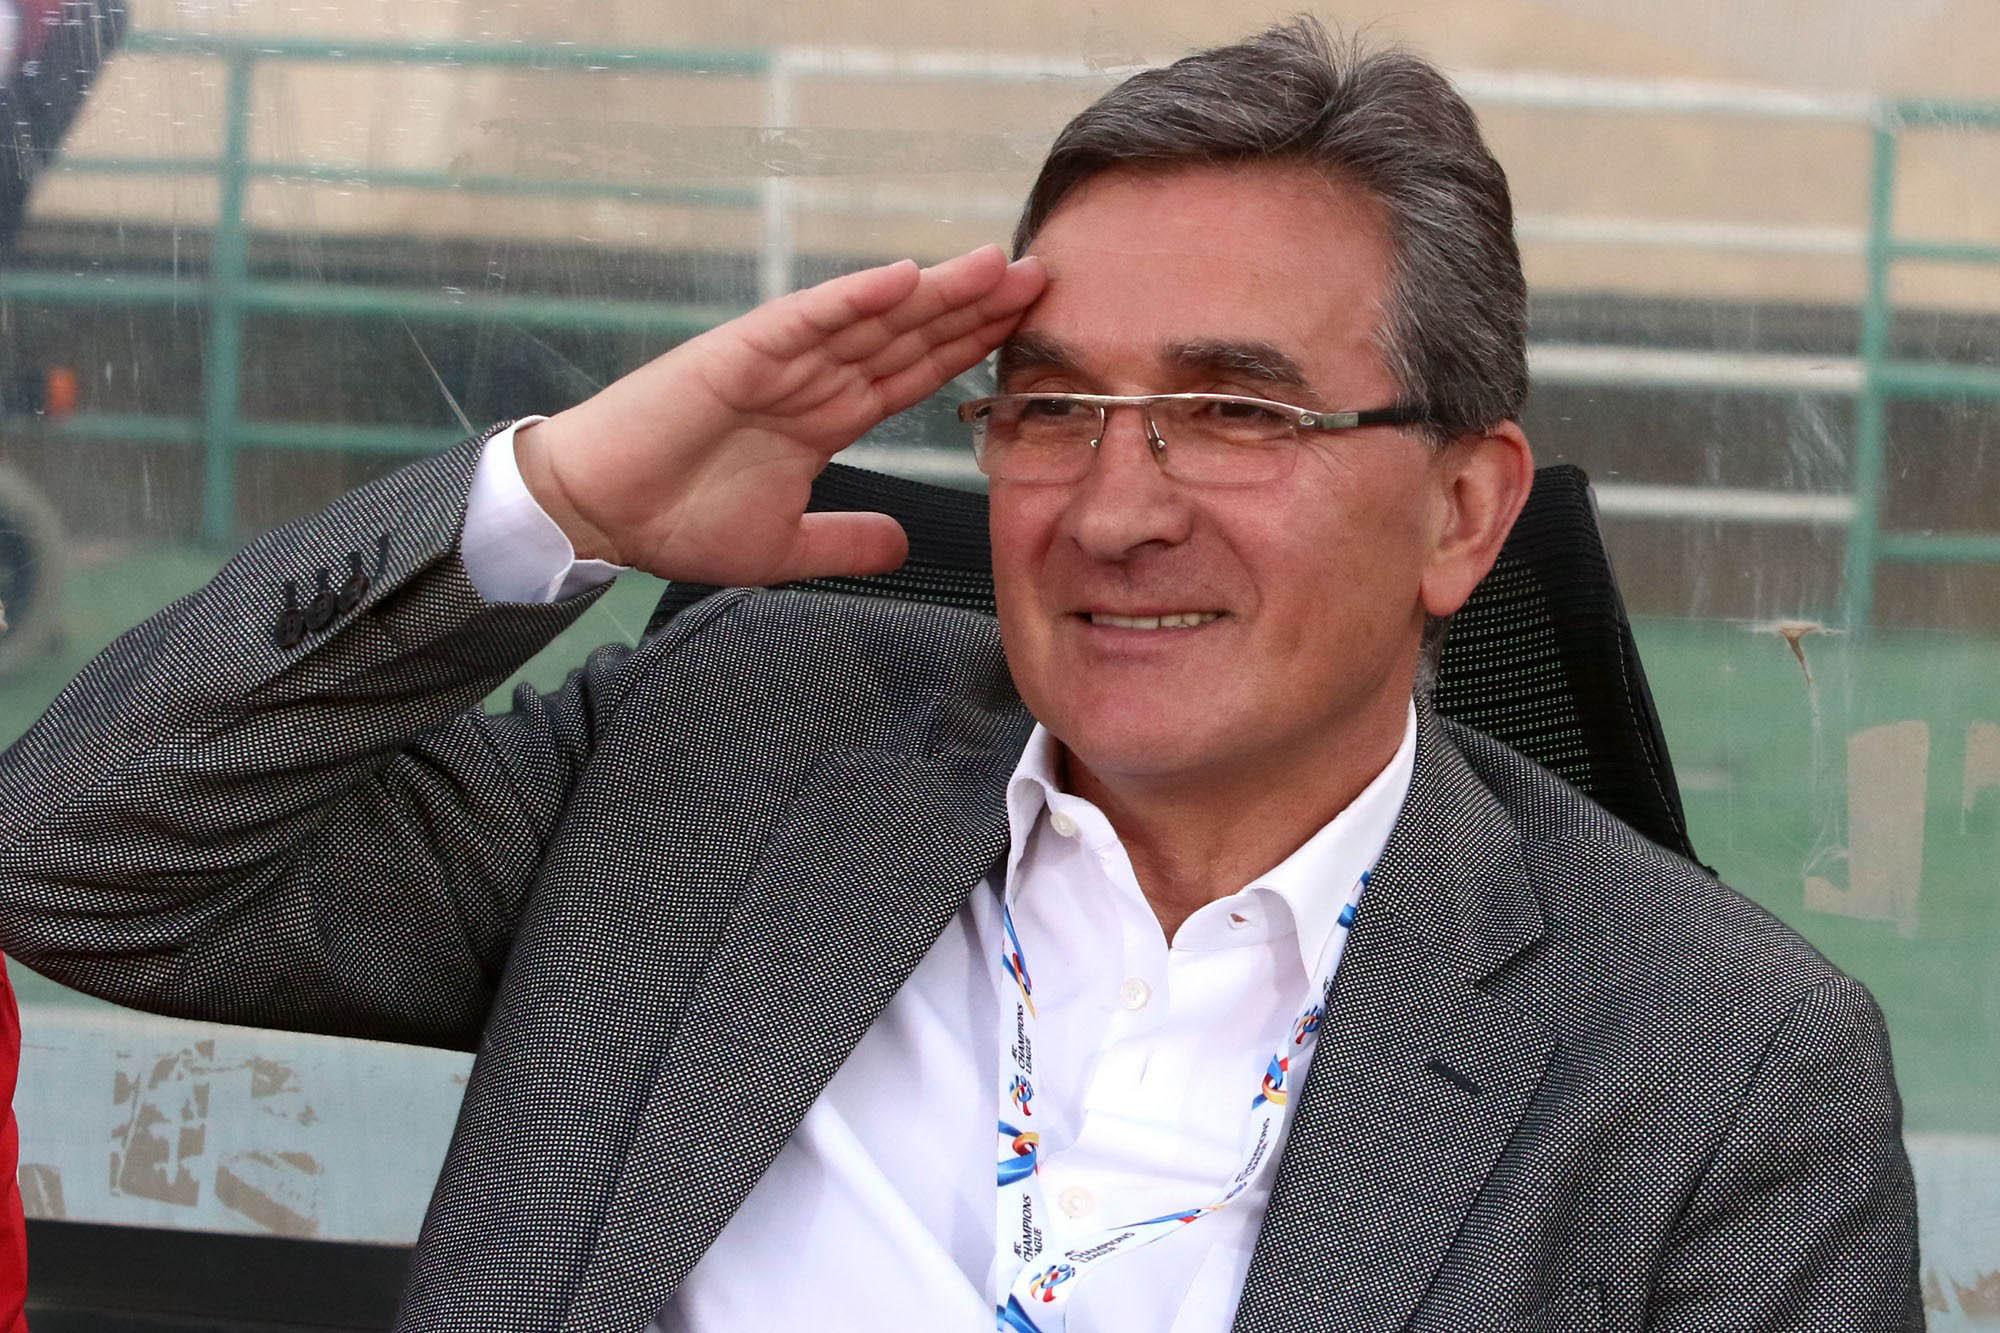 """برانکو ؛ برای پرسپولیس دفاع بهترین حمله بود ؛ استراتژی کیروشی """"برانکو"""" نتیجه داد!"""